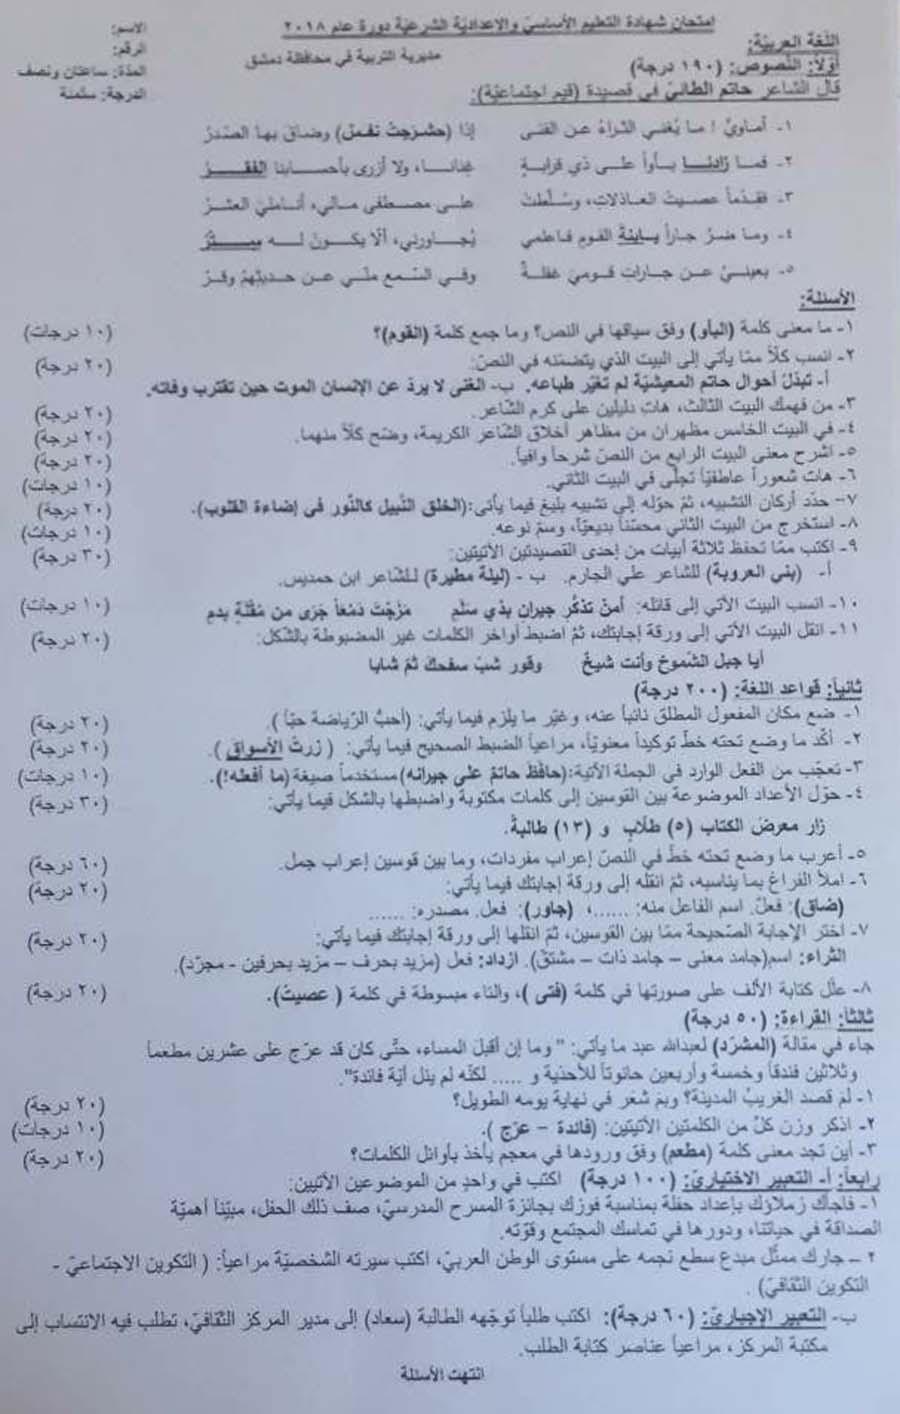 ورقة اسئلة اللغة العربية للامتحان النهائي لطلاب شهادة التعليم الأساسي 2018 - التاسع سوريا